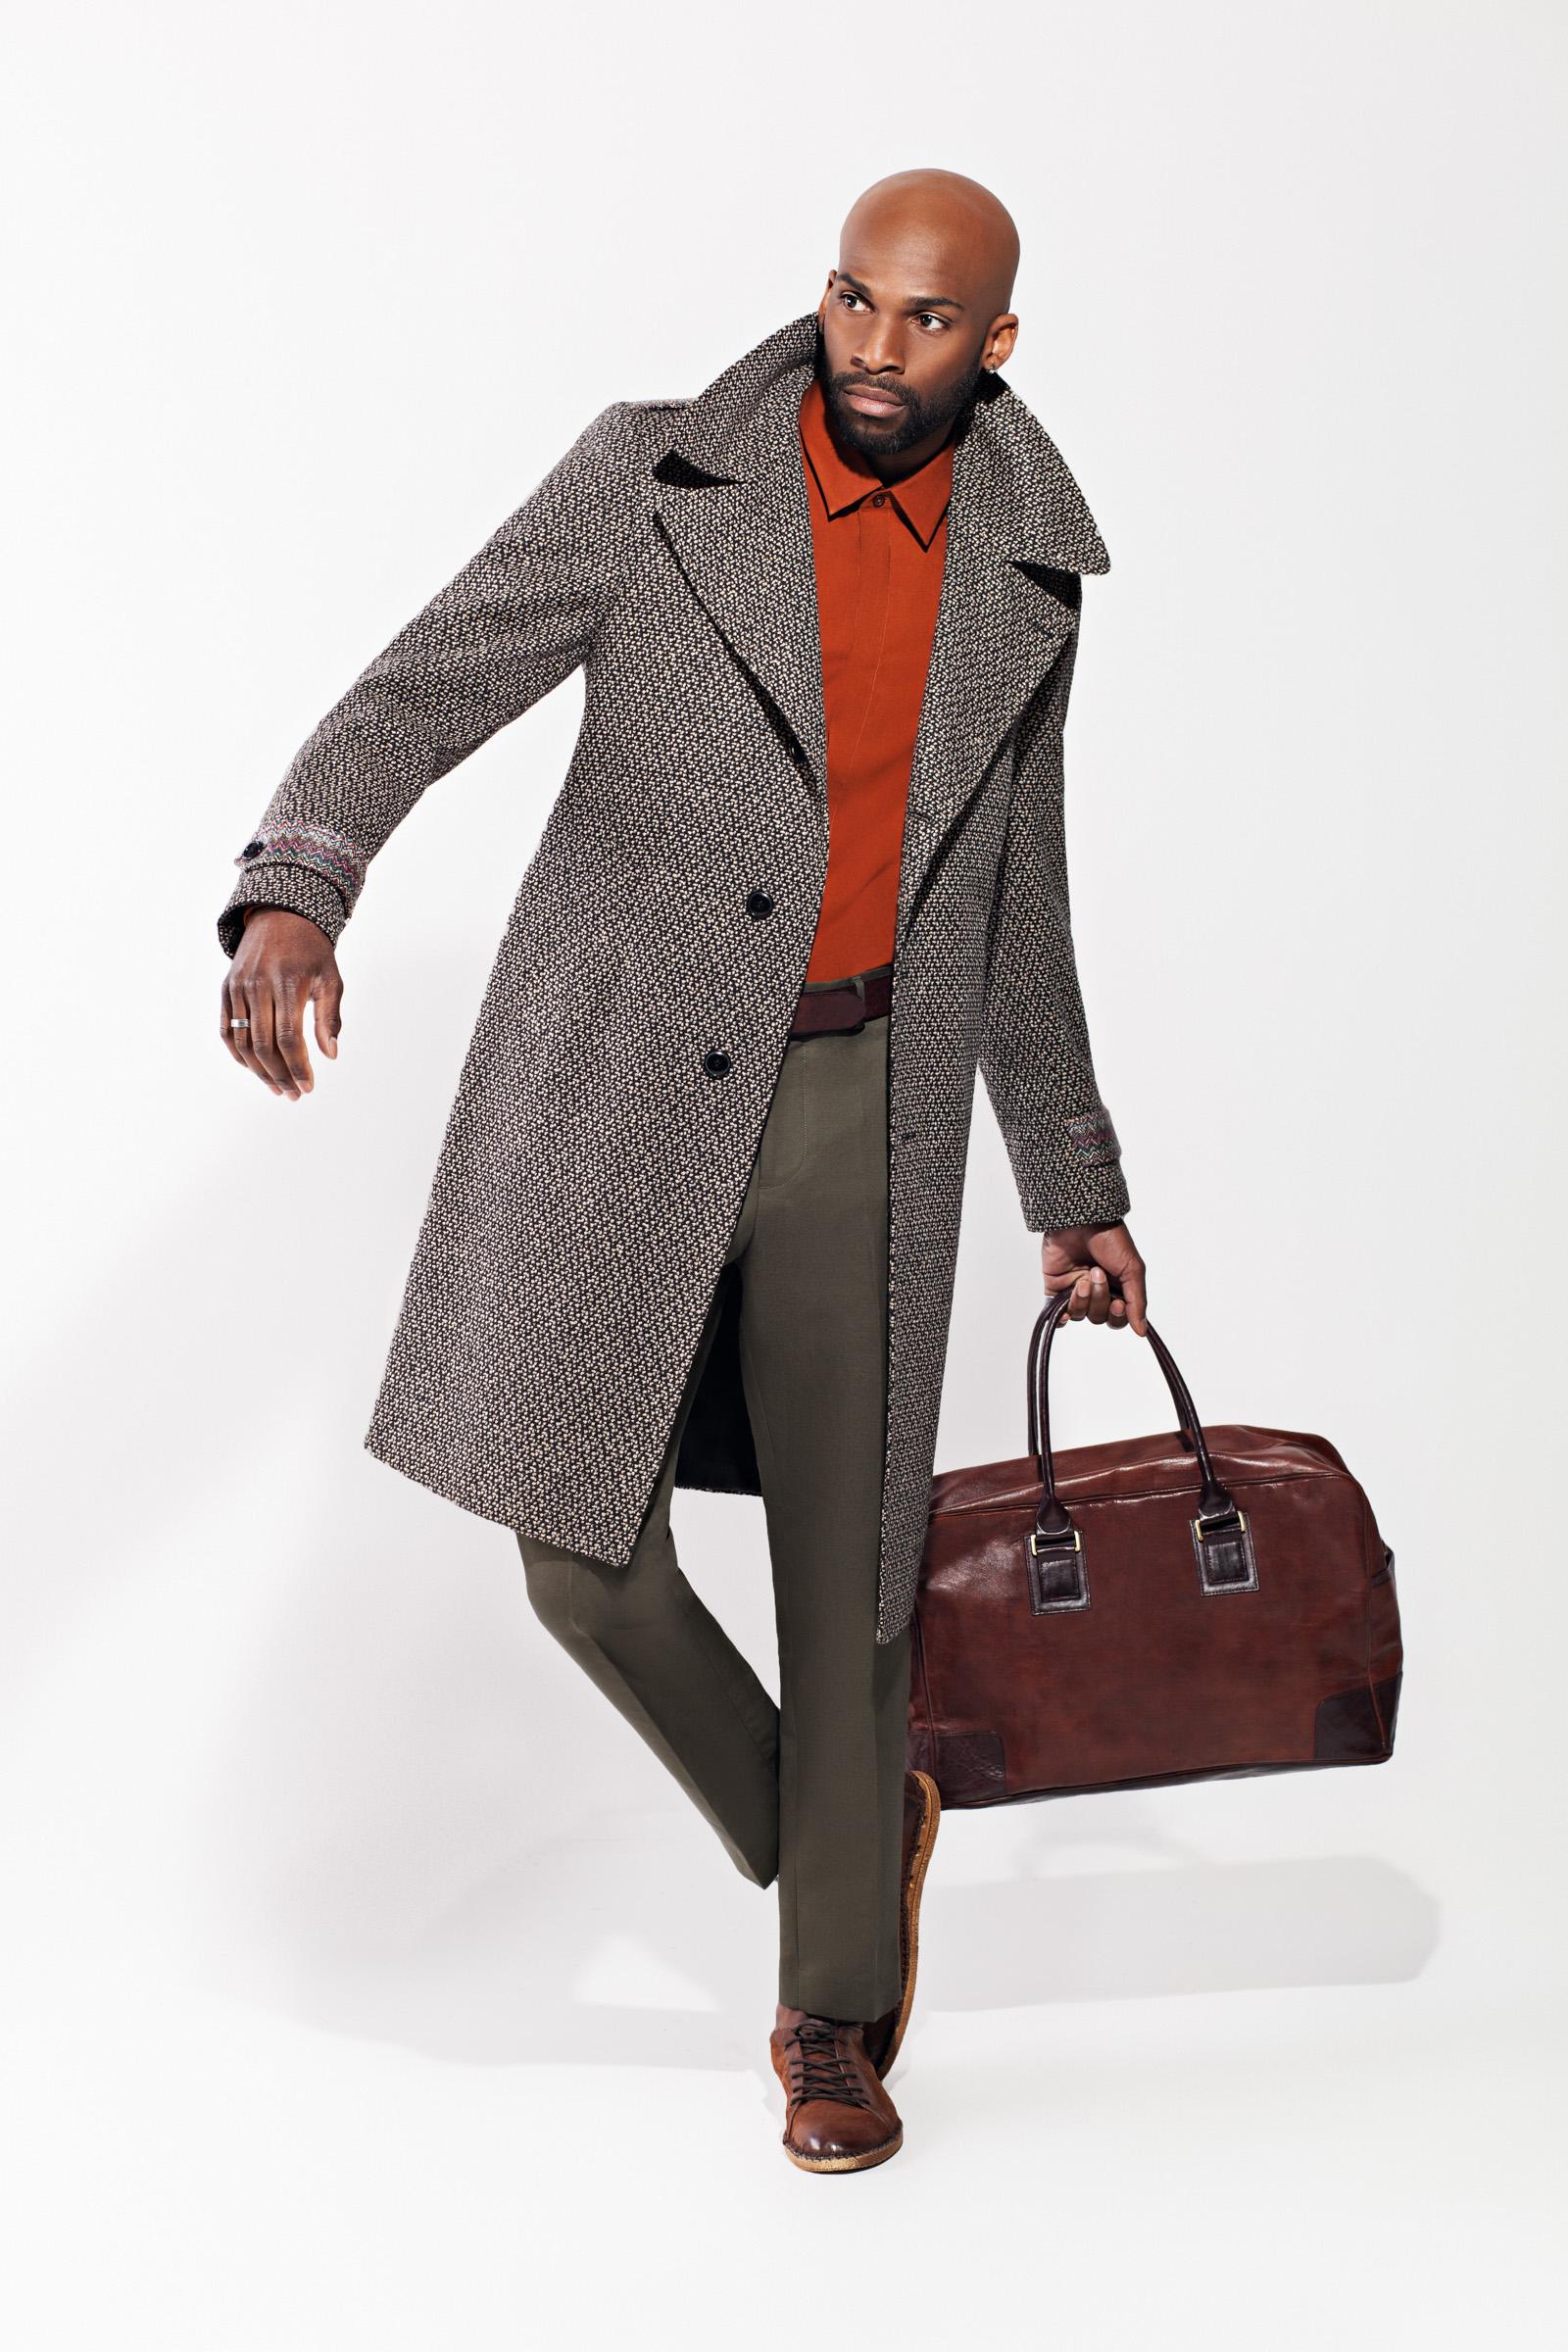 black-man-tweed-jacket-bag.jpg.jpg